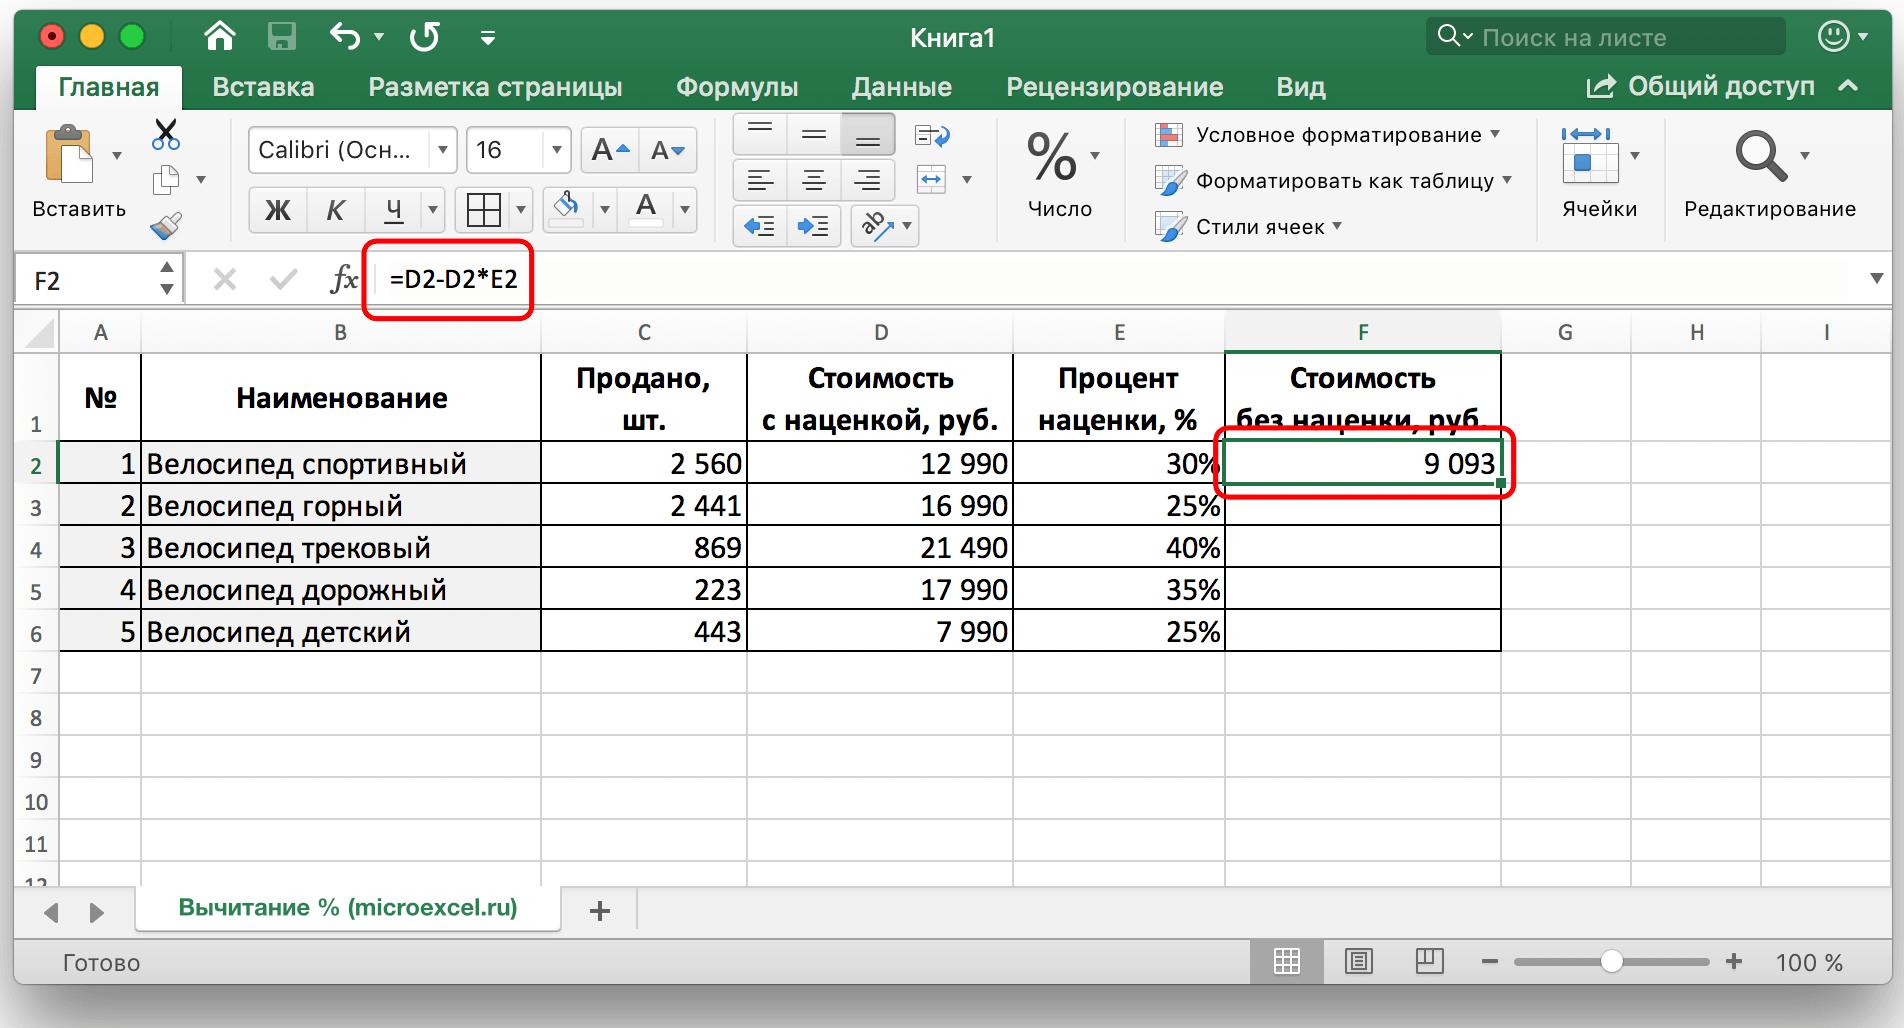 Как вычесть процент от числа в Эксель